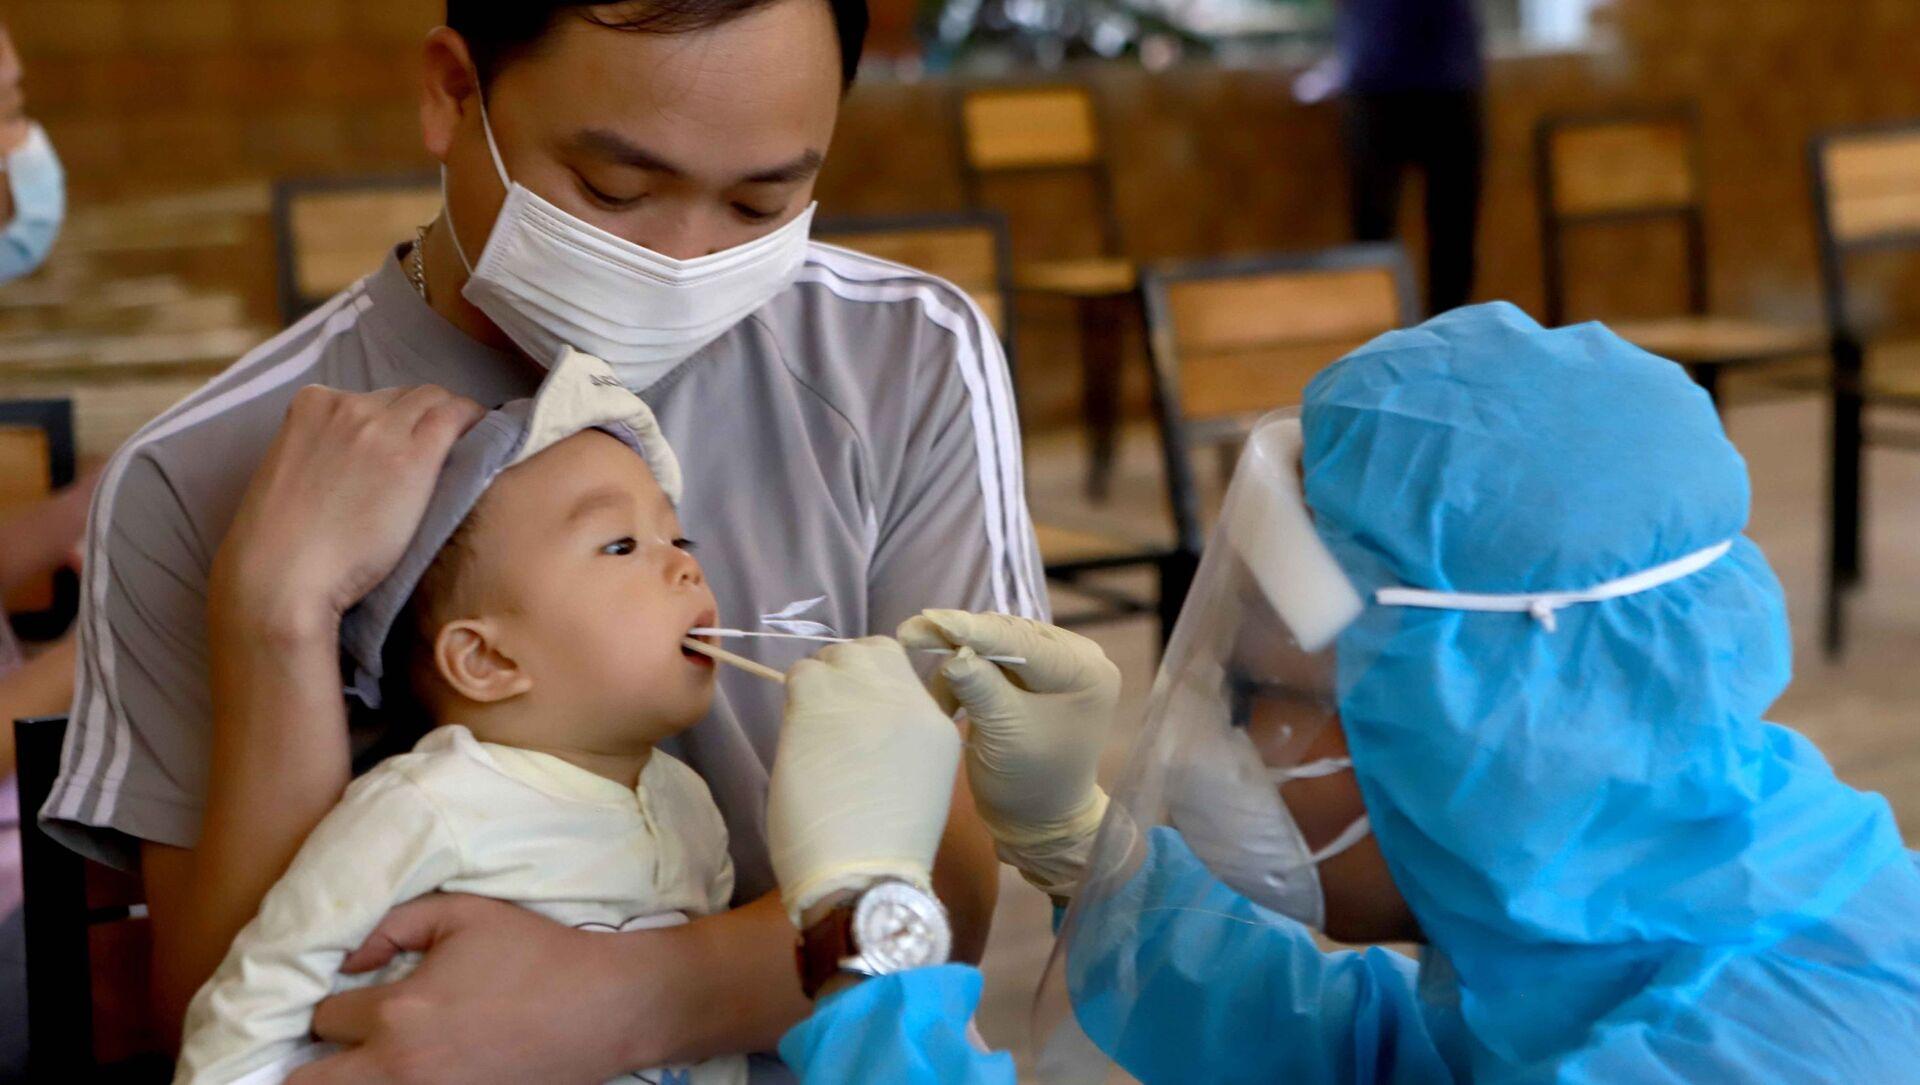 Nhân viên y tế thực hiện lấy mẫu xét nghiệm virus SARS-CoV-2 cho người dân ở Khu đô thị Đồng Sơn, thành phố Phúc Yên. - Sputnik Việt Nam, 1920, 06.05.2021